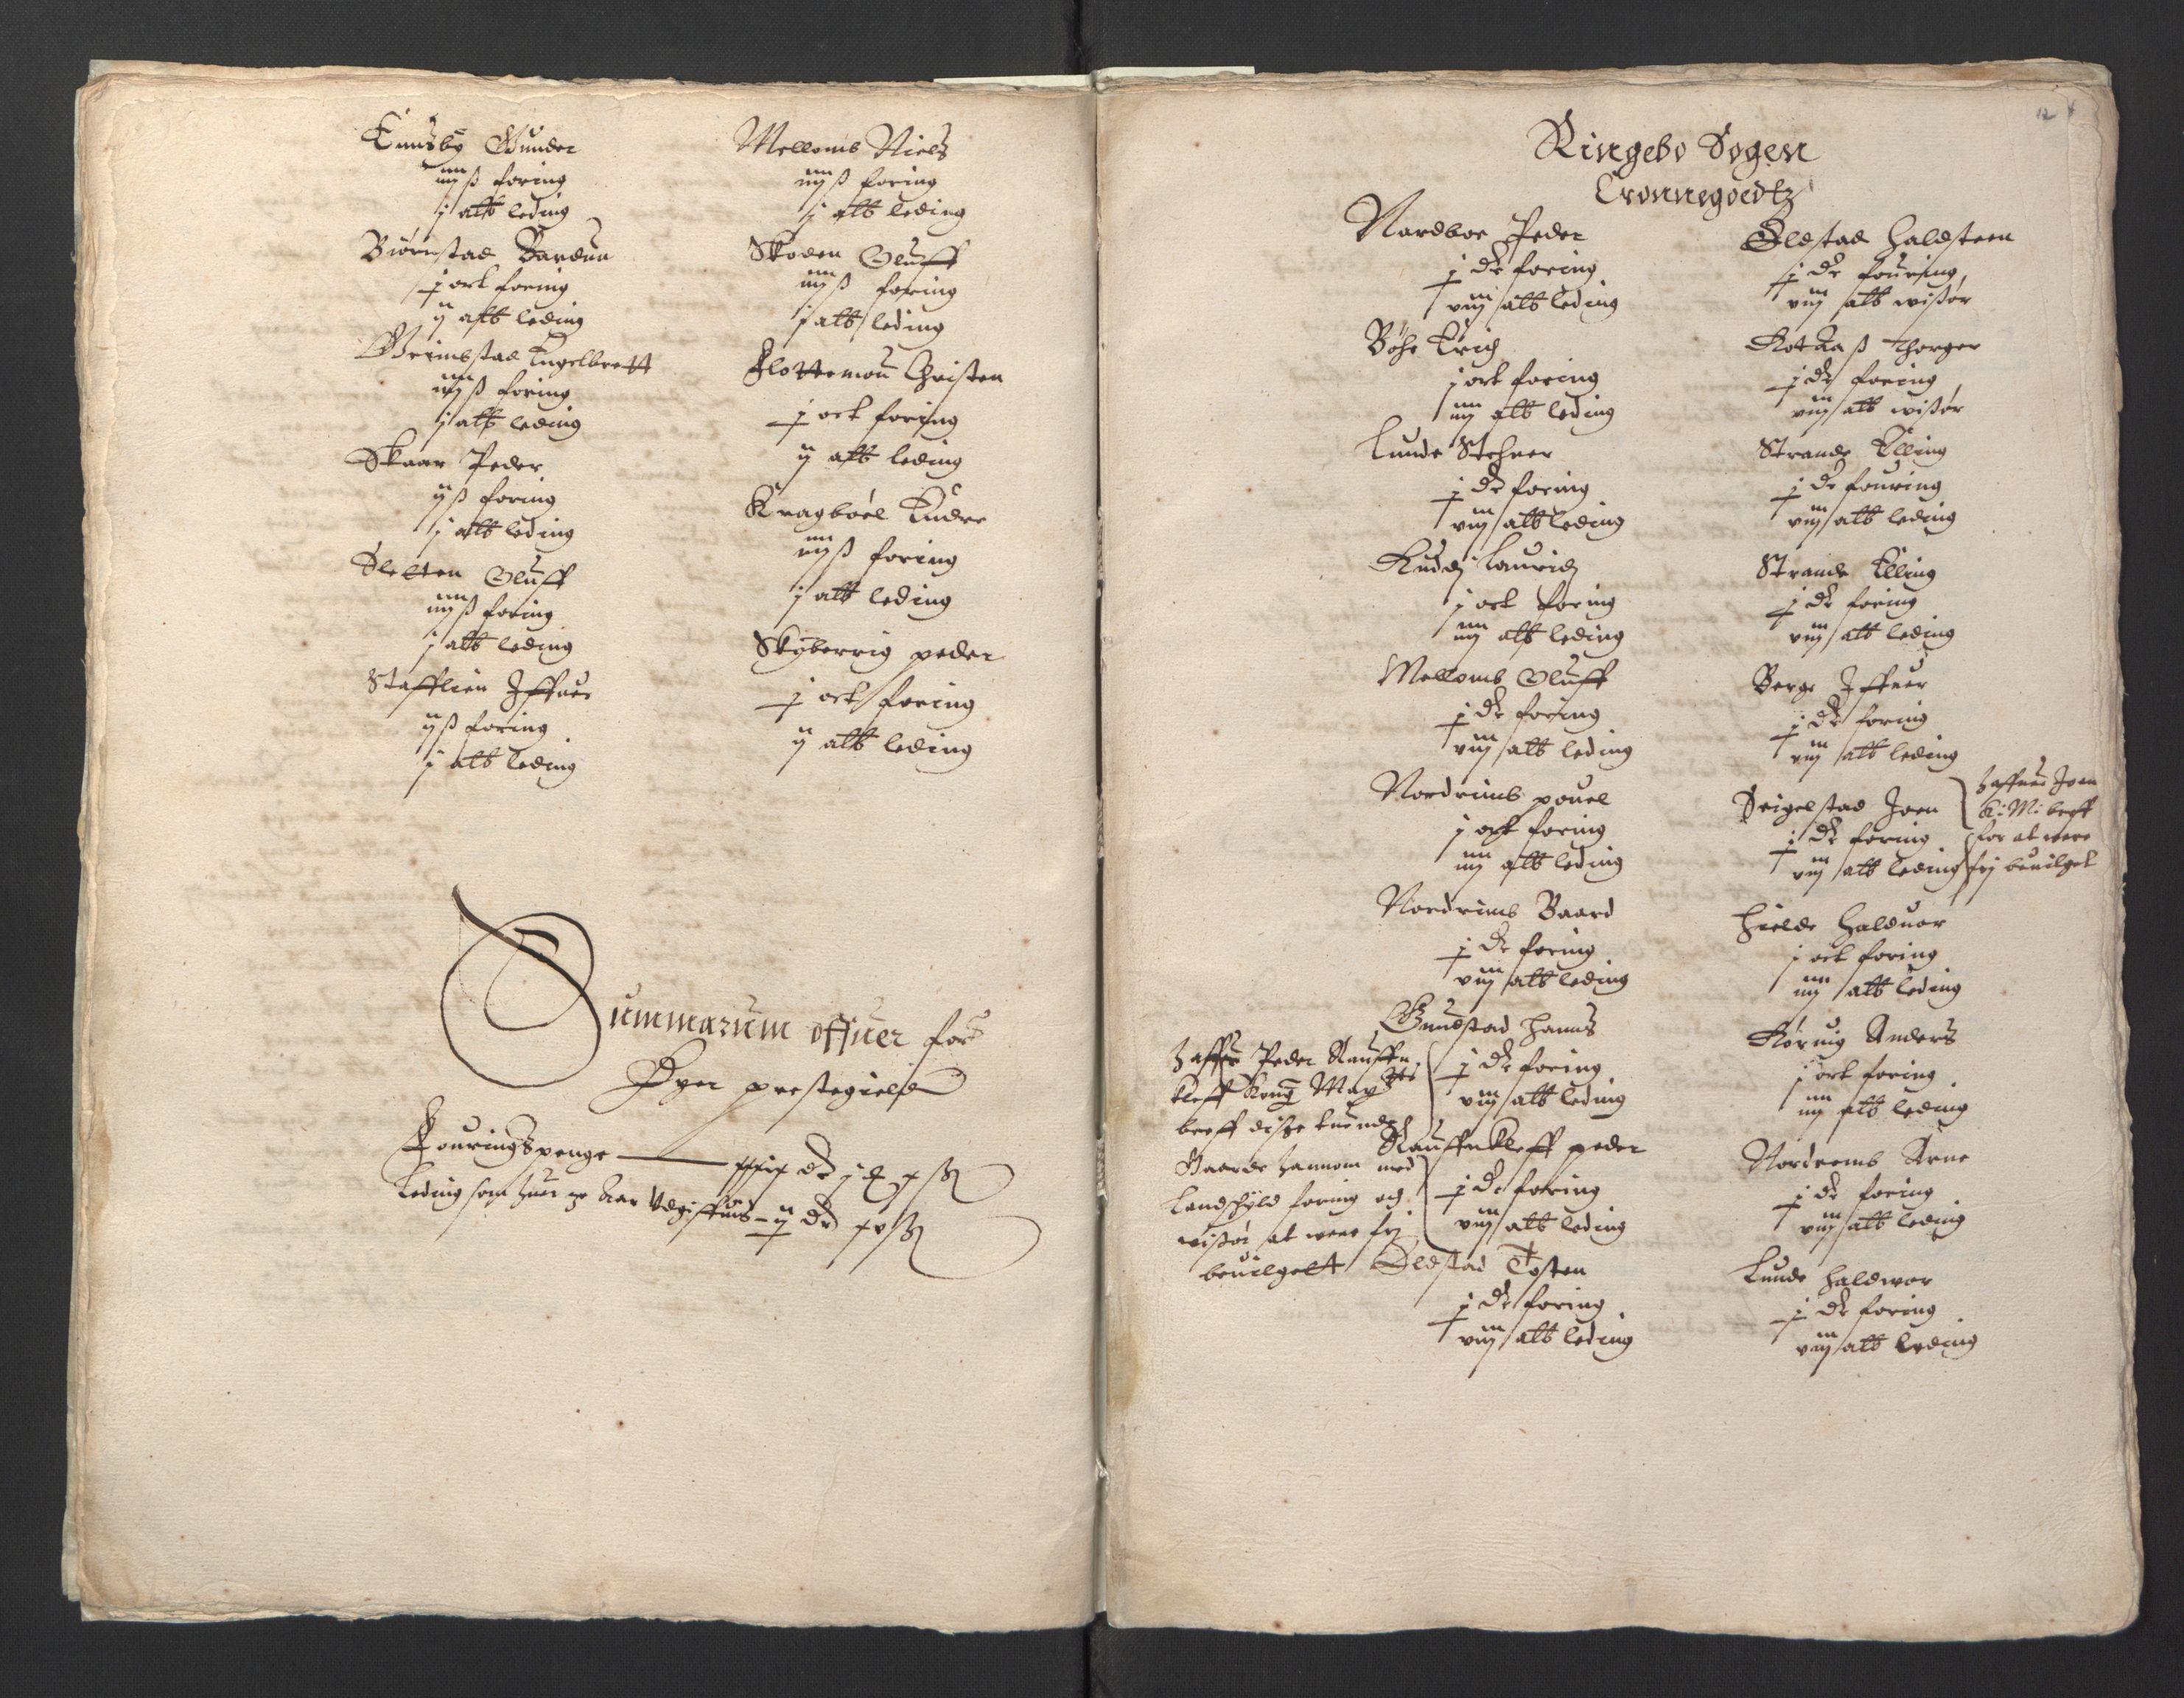 RA, Stattholderembetet 1572-1771, Ek/L0001: Jordebøker før 1624 og til utligning av garnisonsskatt 1624-1626:, 1624-1625, s. 14